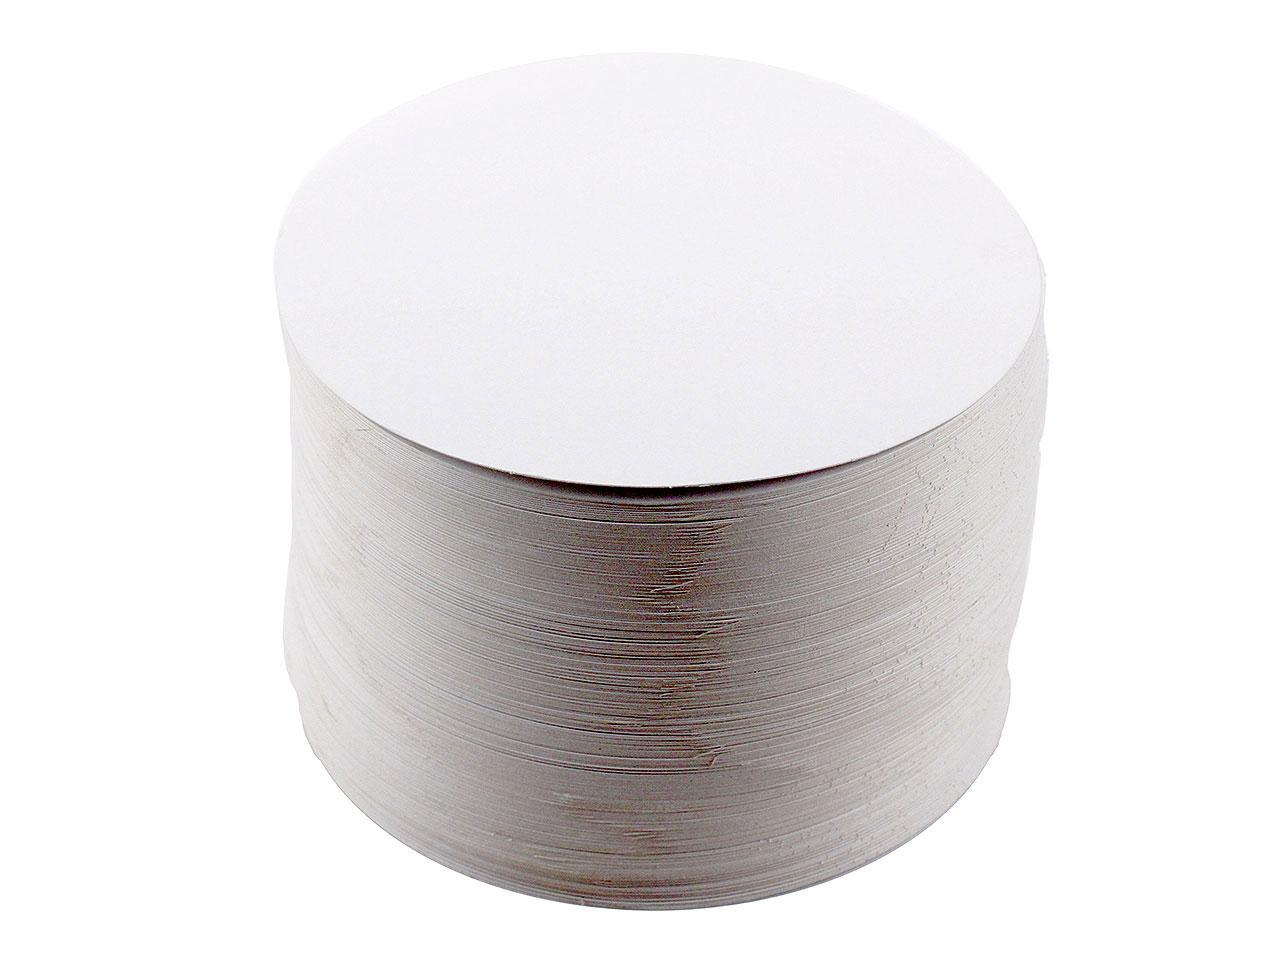 ronds carton blanc pour g teaux x 250 flo. Black Bedroom Furniture Sets. Home Design Ideas